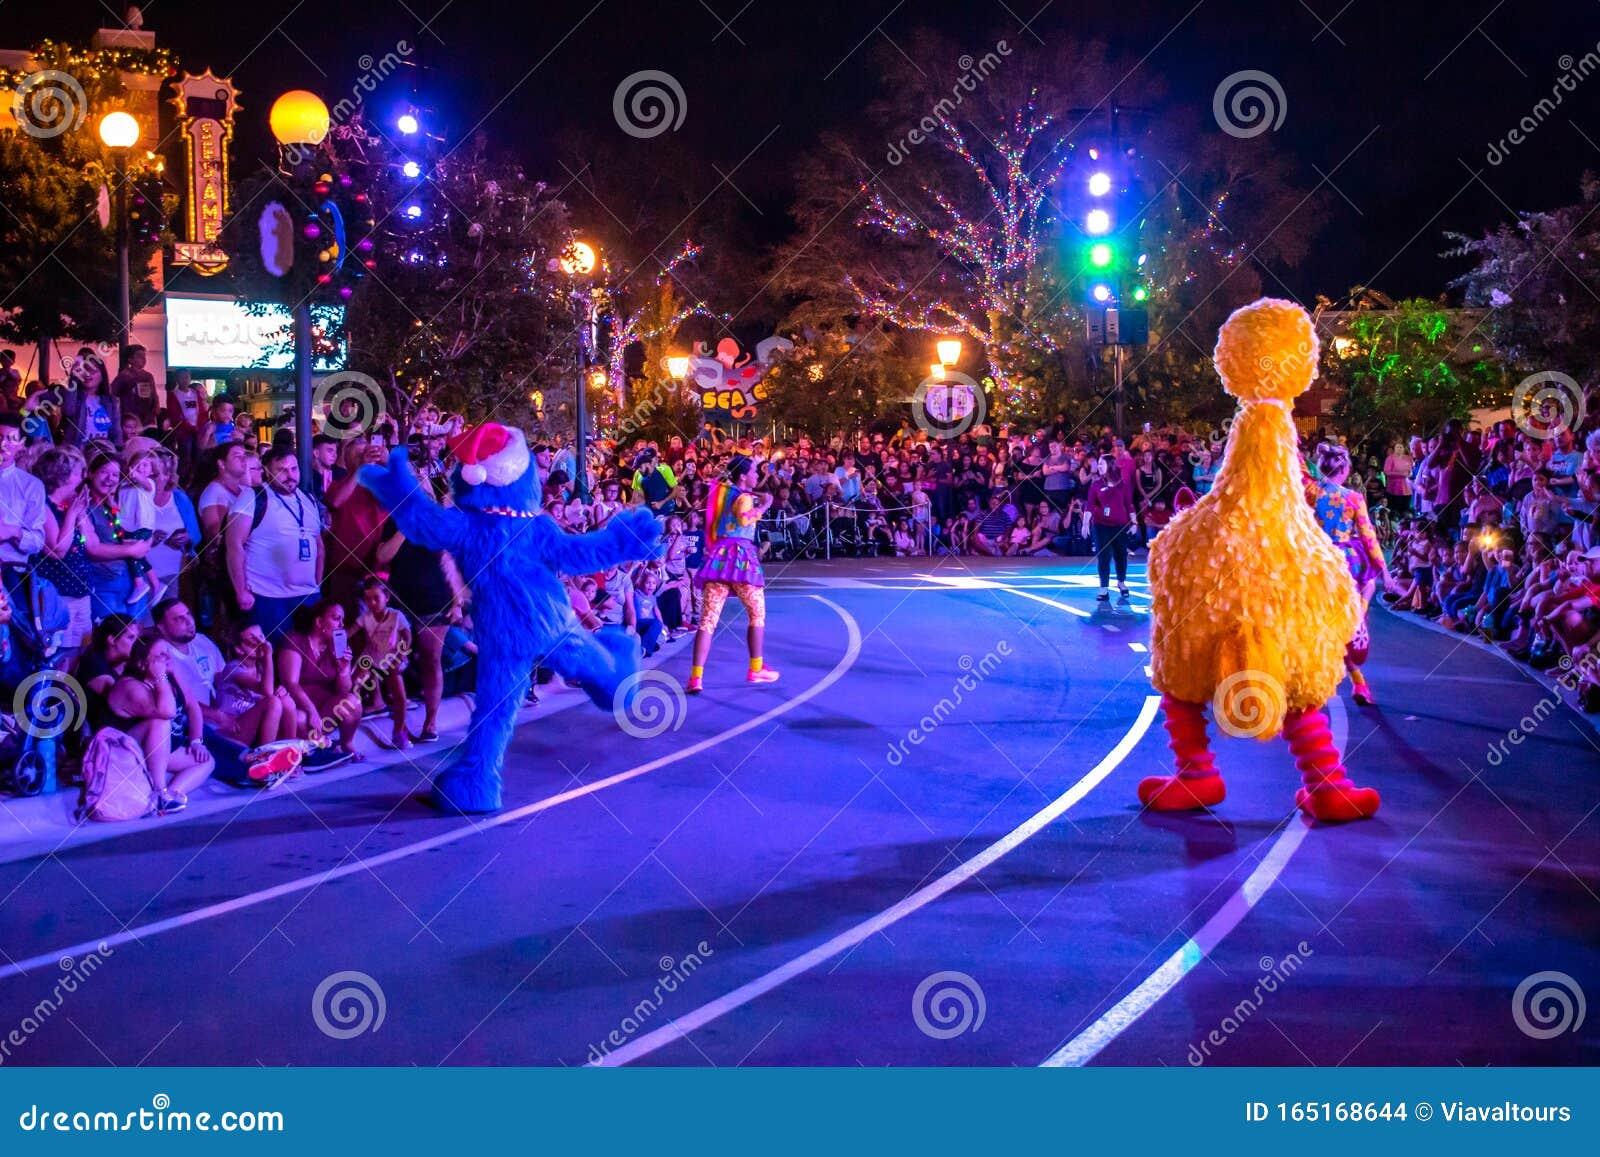 Grover Christmas Parade 2020 Grover And Big Bird Sesame Street Christmas Parade At Seaworld